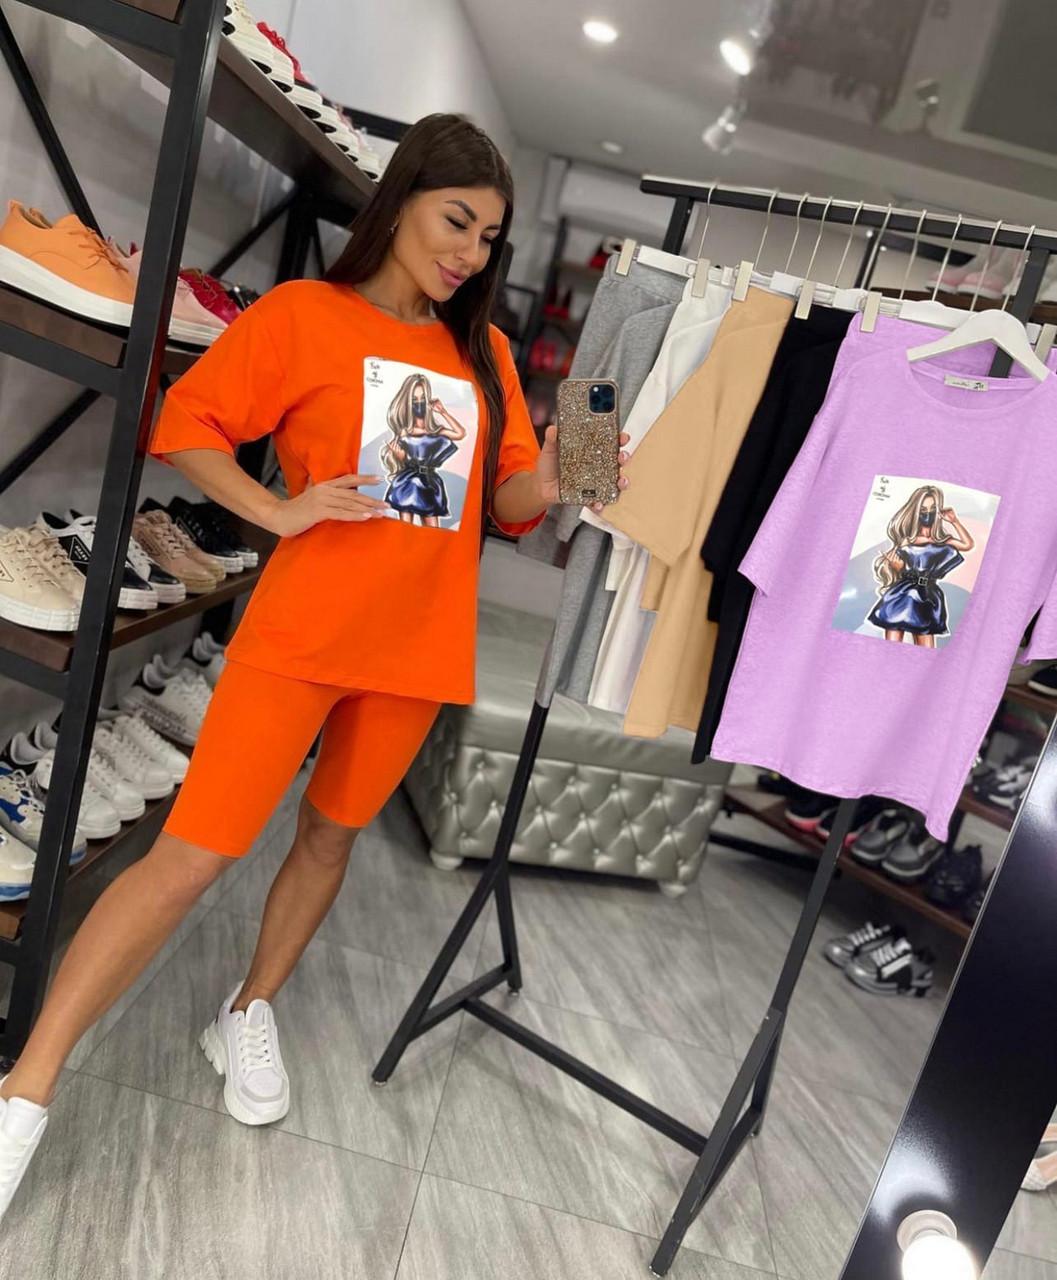 Жіночий костюм двійка (велосипедки на резинці плюс подовжена футболка), 00925 (Помаранчевий), Розмір 42 (S)